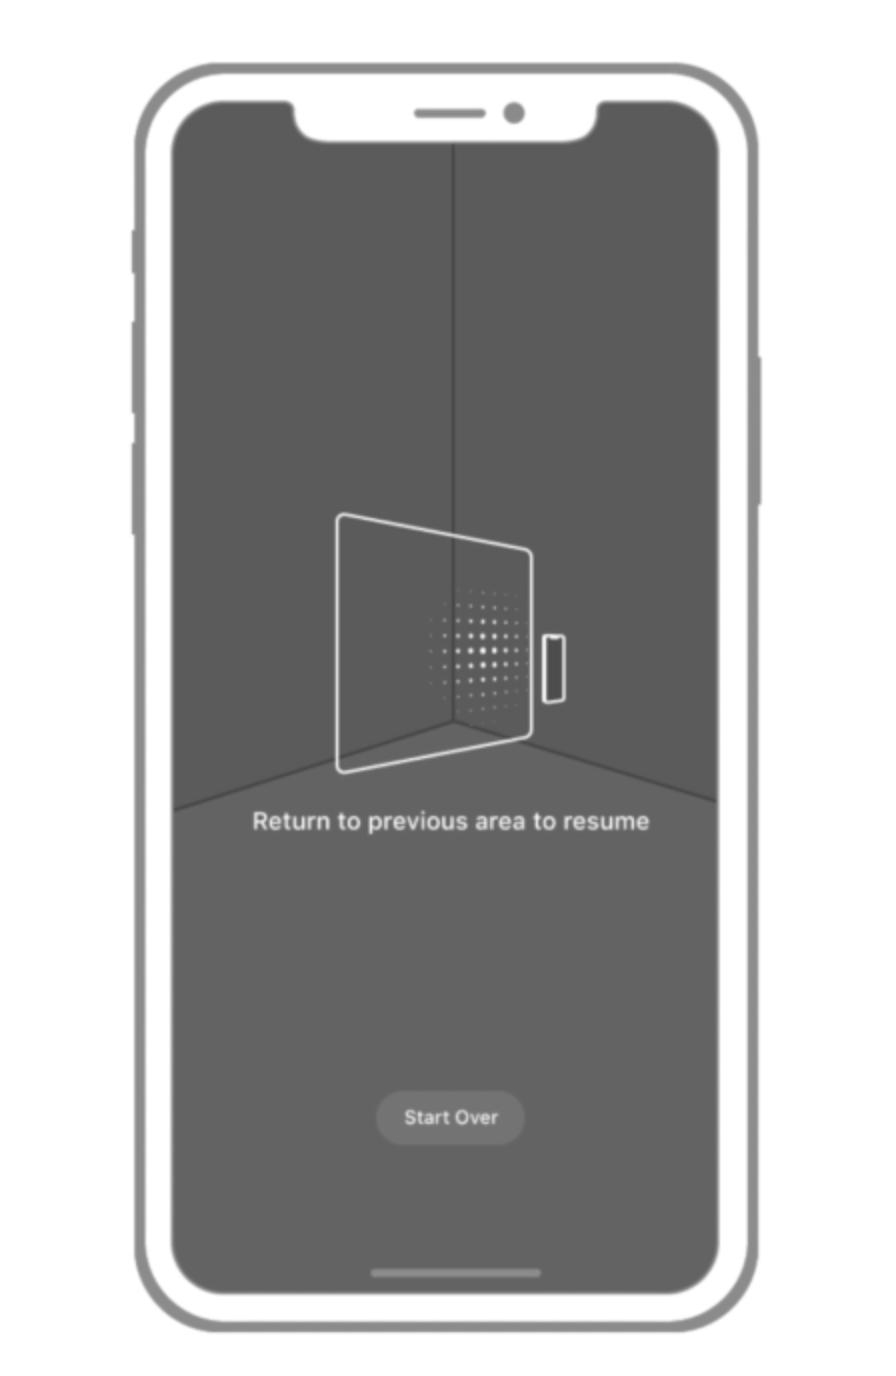 允许用户重置场景、初始化平面